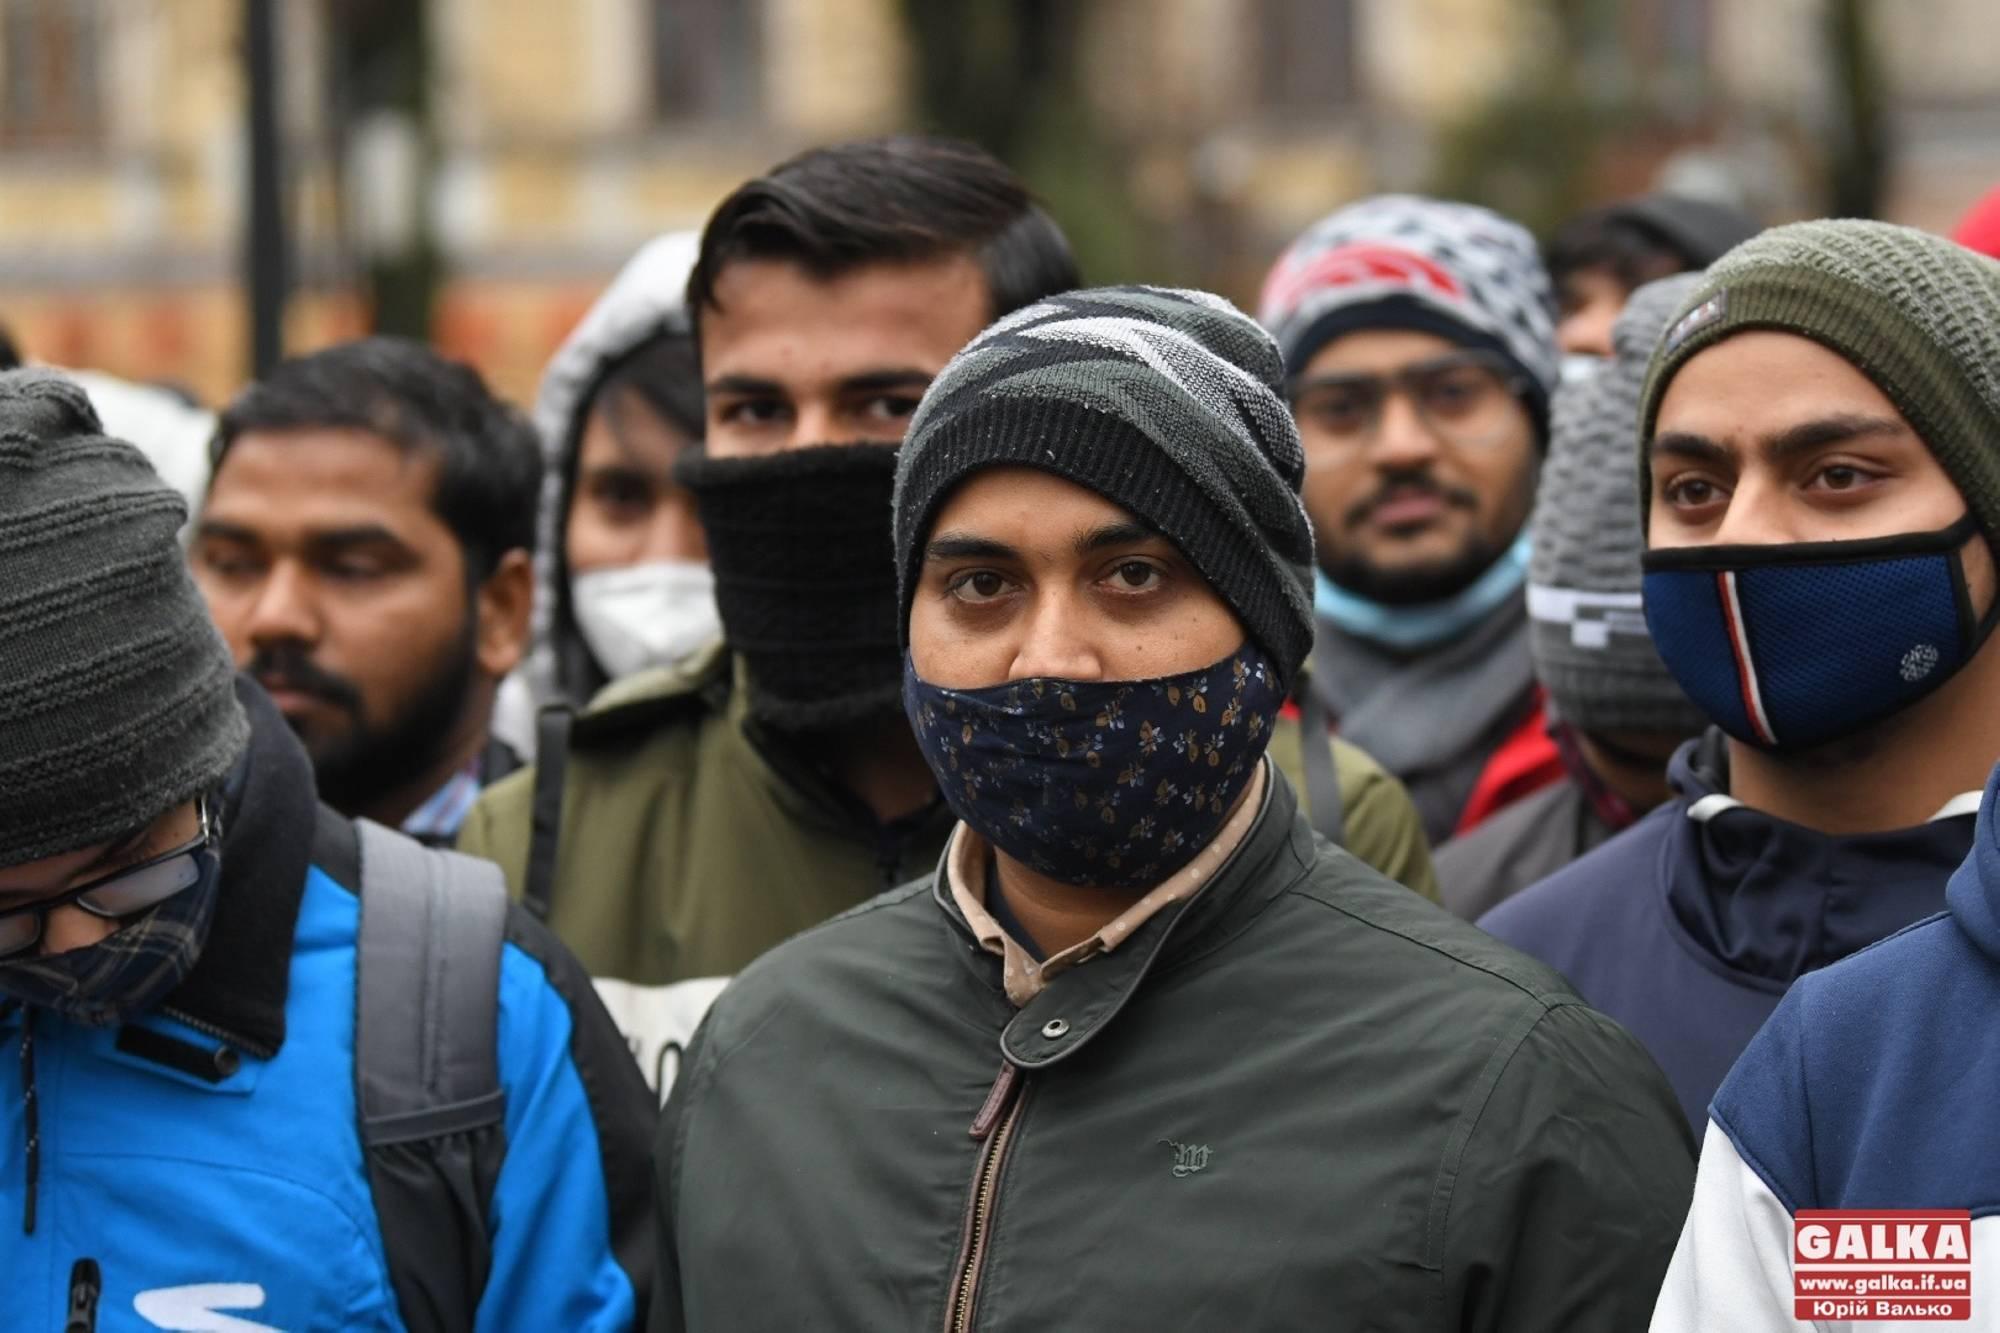 Нас переслідують пакистанці: потерпілі у масовій бійці під Пасажем іноземці розповіли свою версію подій (ФОТО)